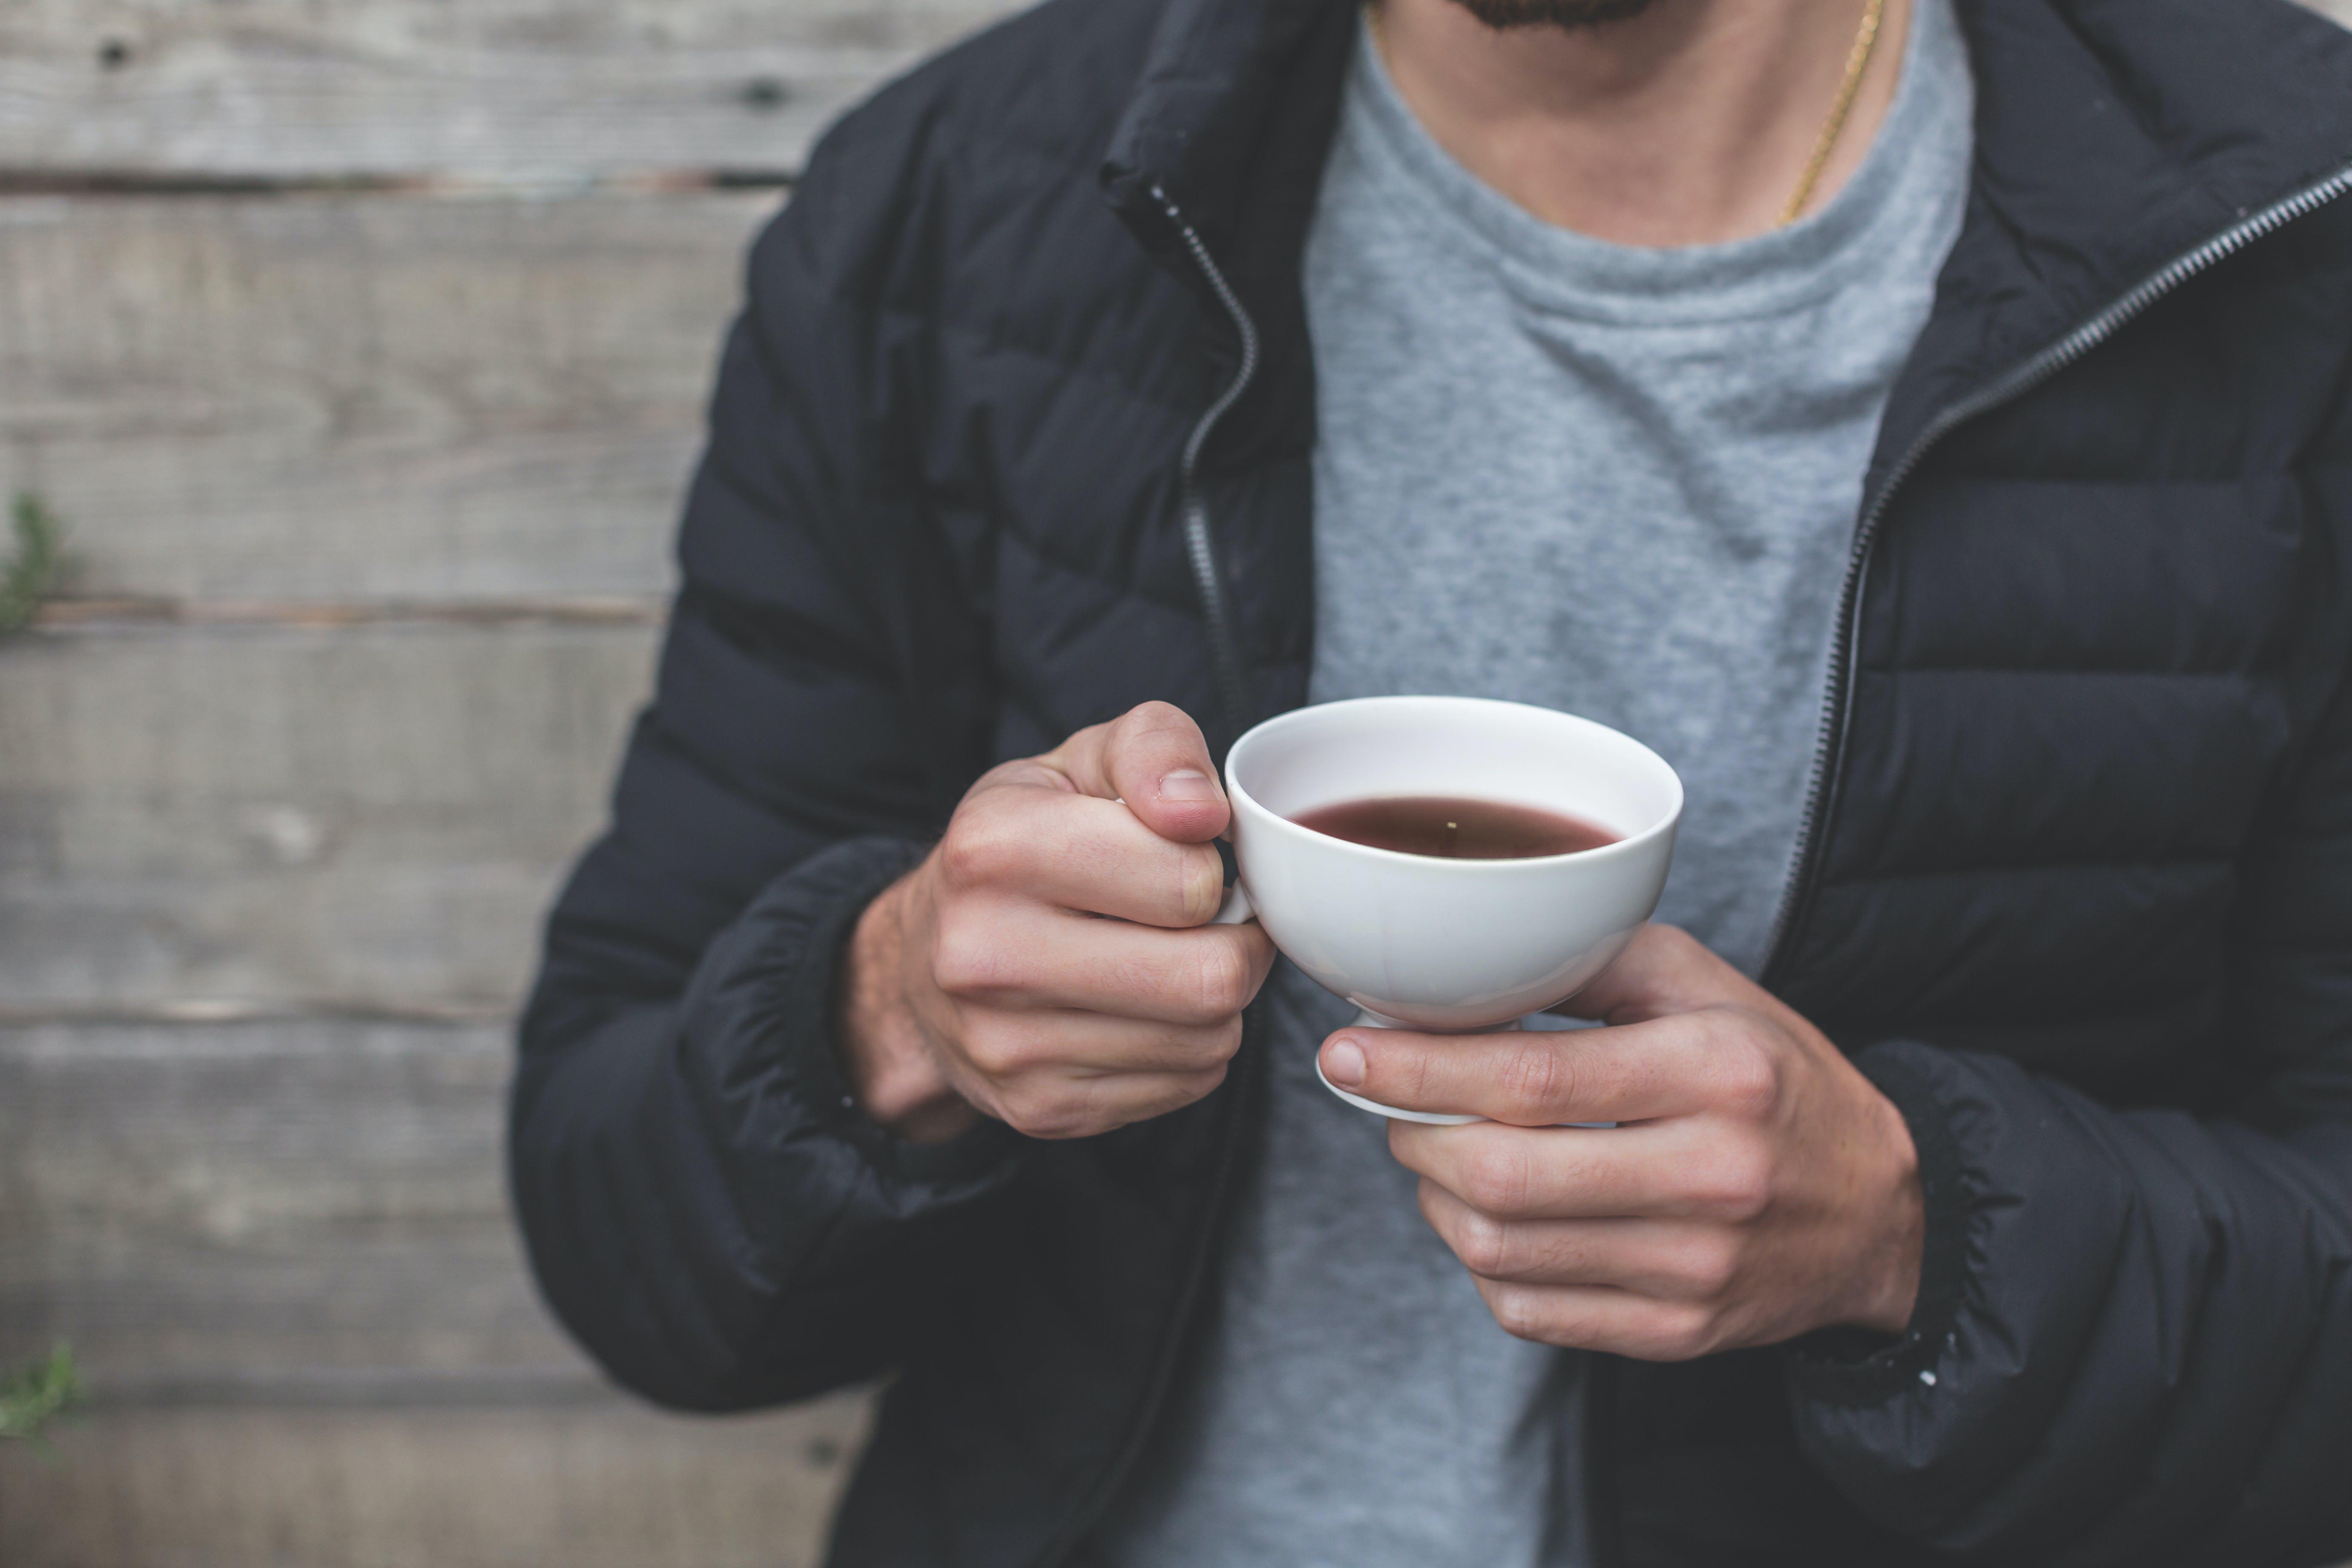 Gratis arkivbilde med avslapping, drikke, hender, kaffe